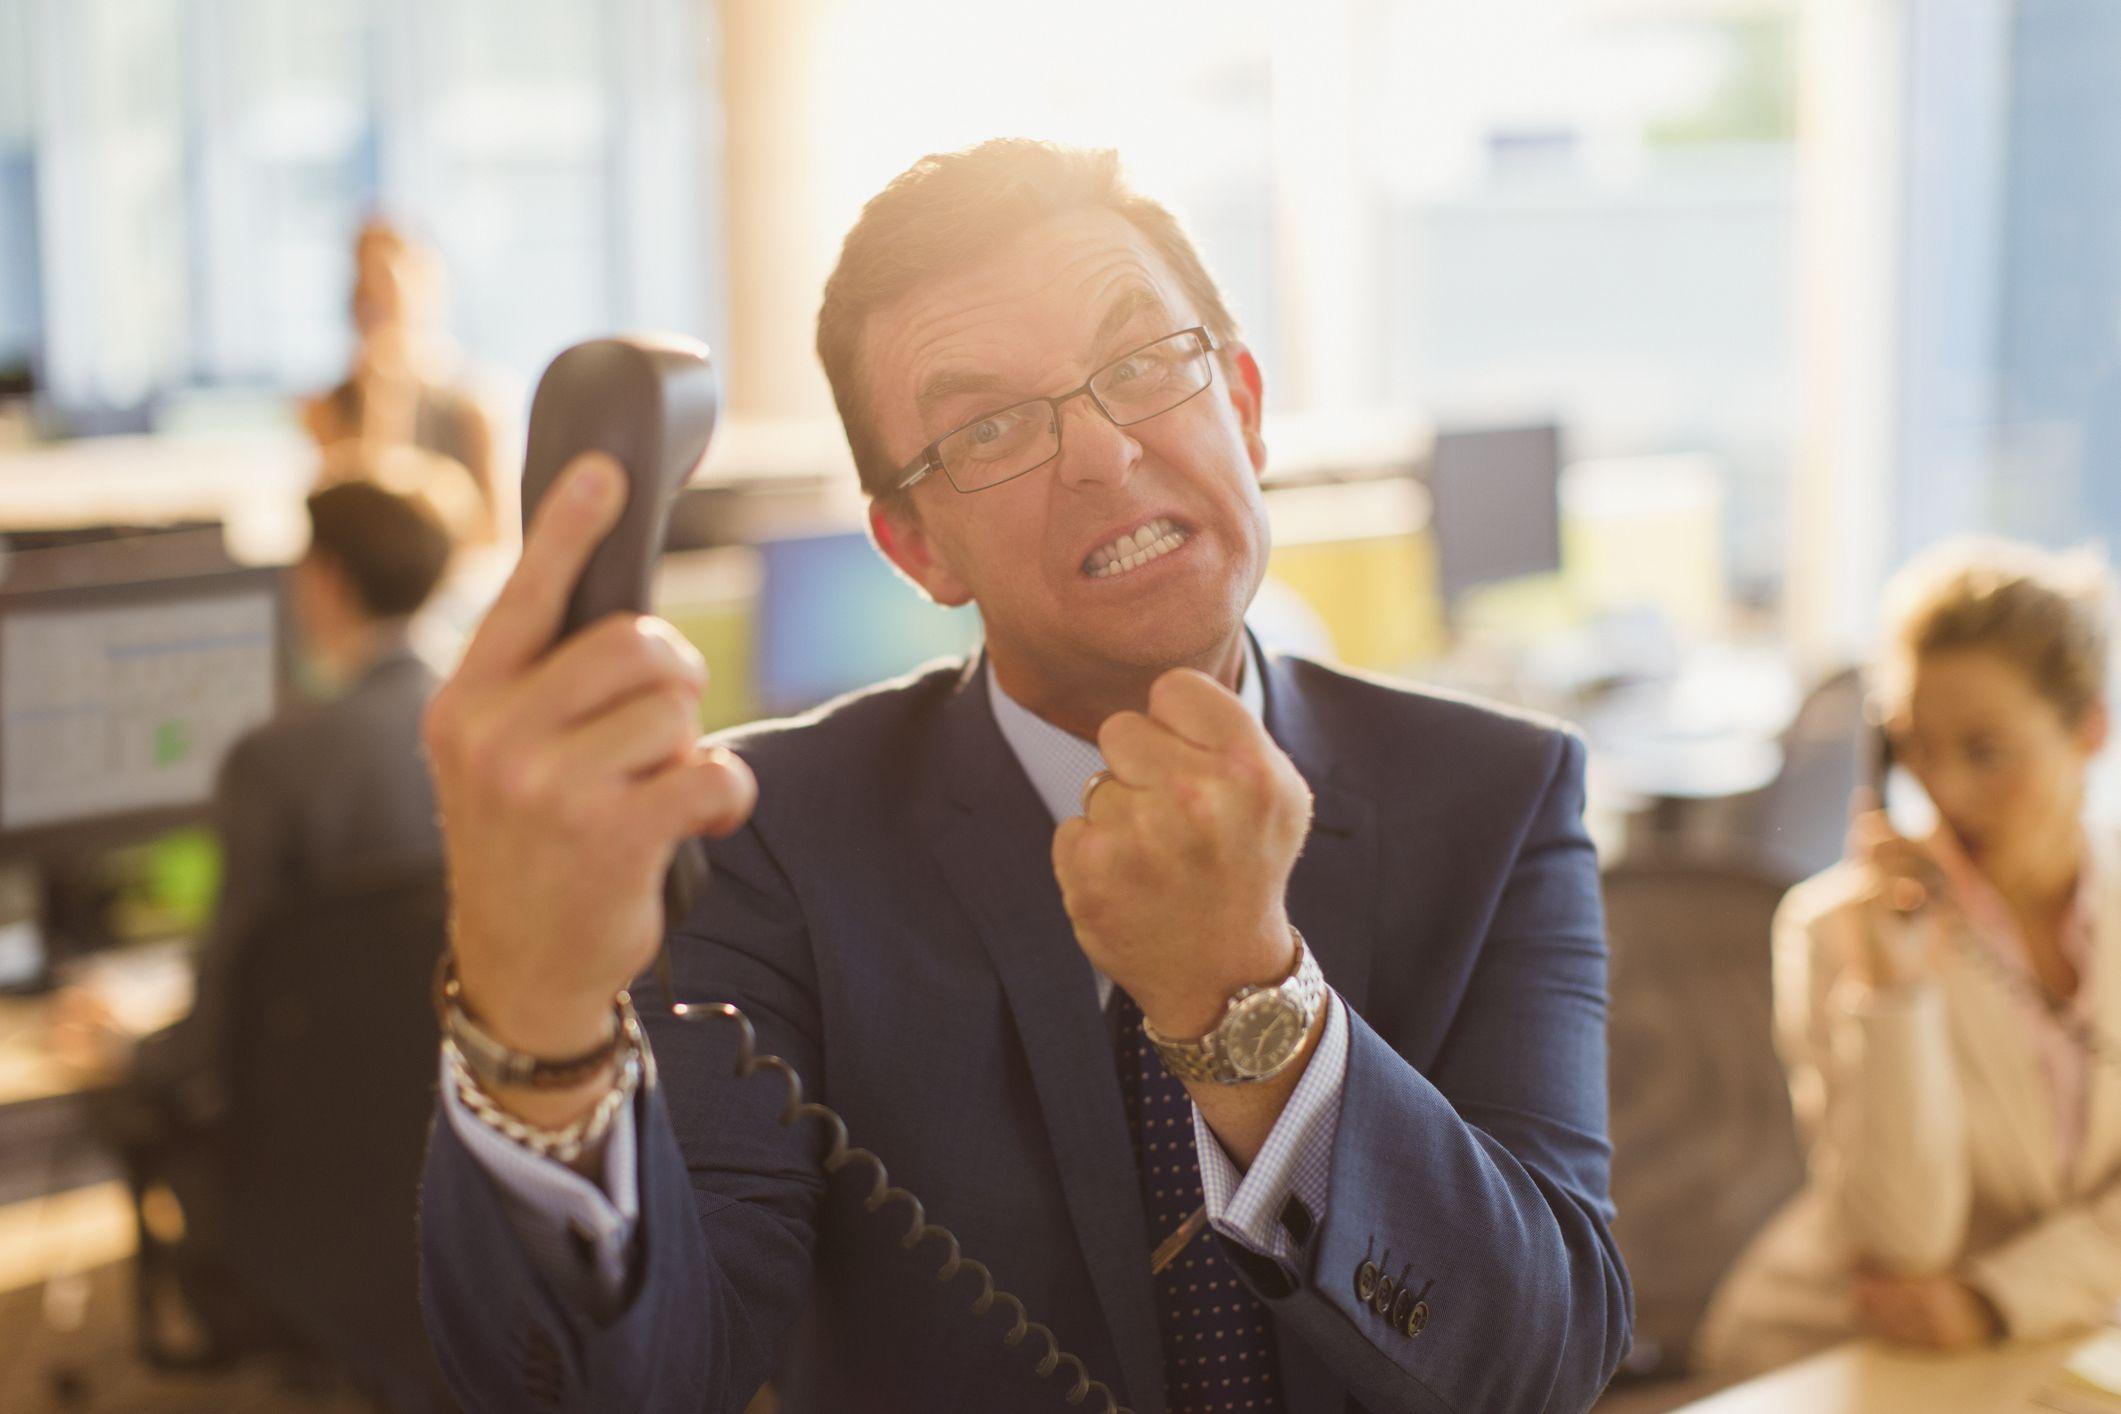 Tous les opérateurs mobiles ont monté leur prix cet été, sauf Free Mobile